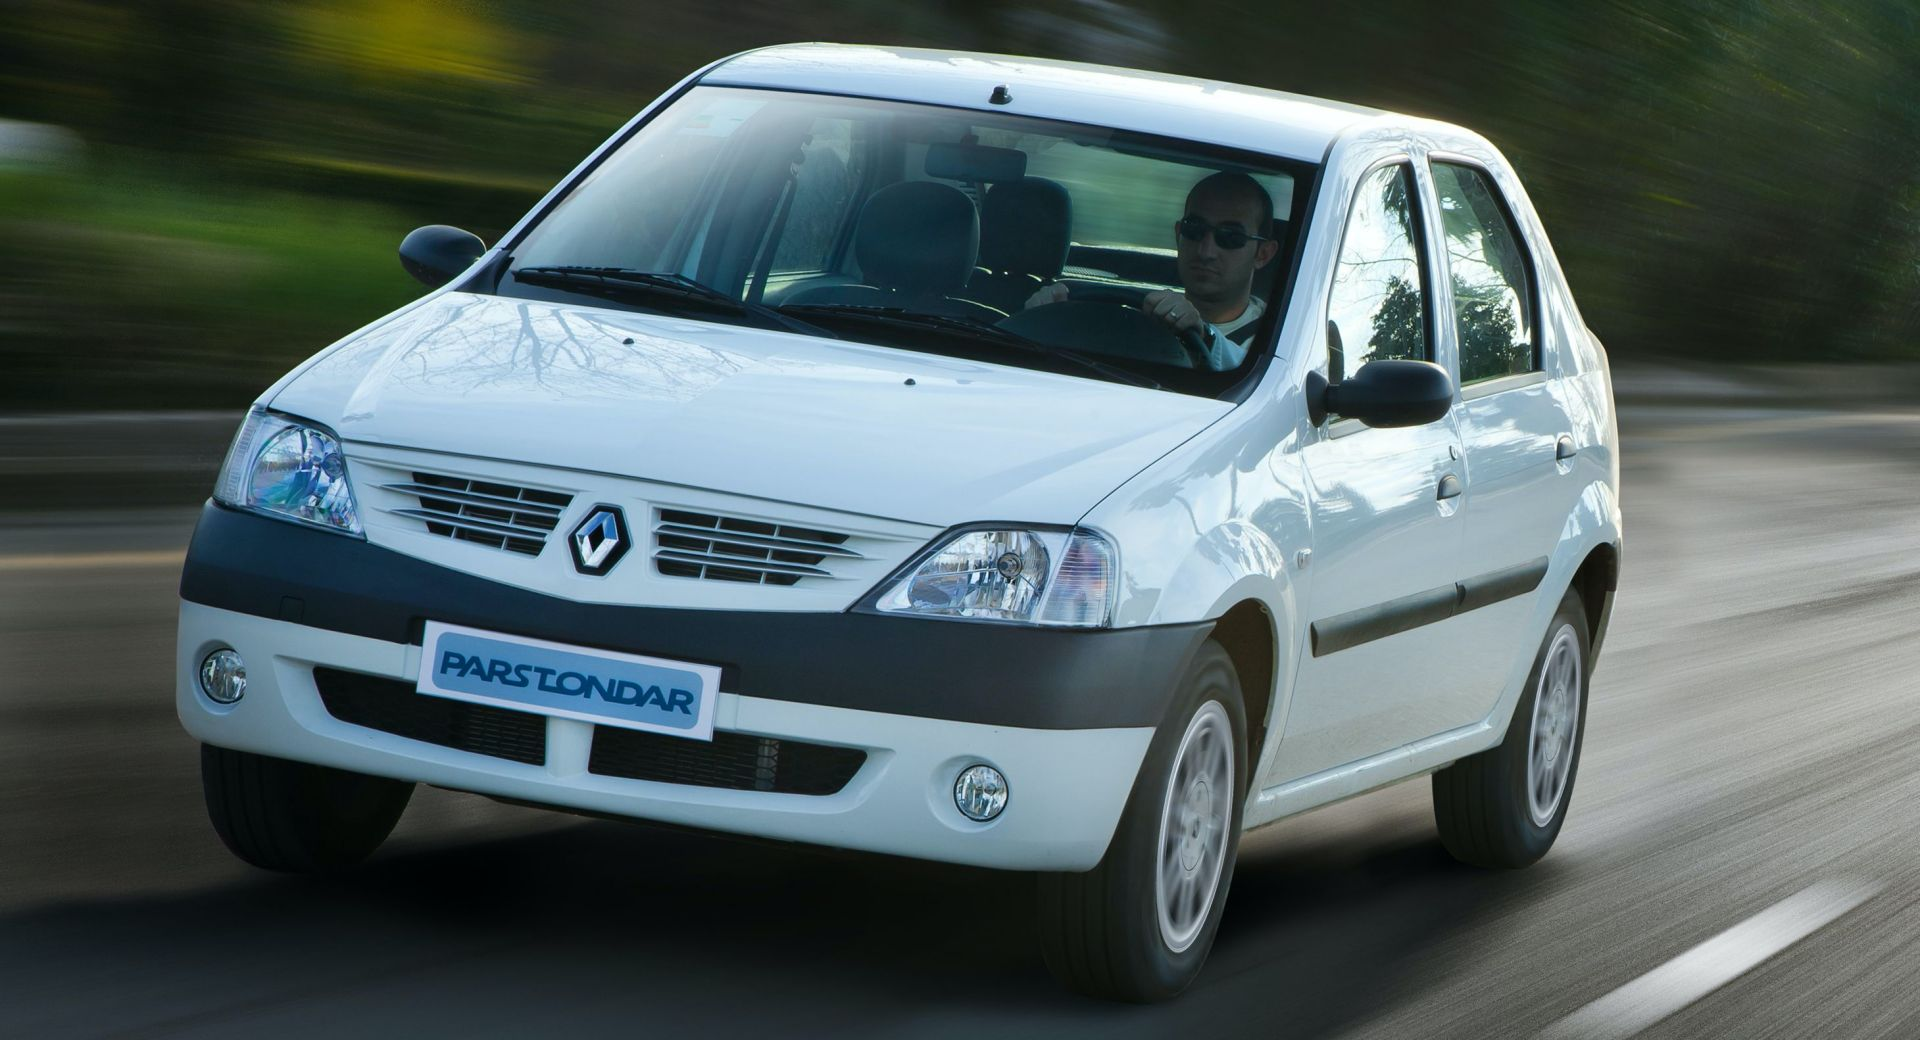 SAIPA-Renault-Pars-Tondar-0